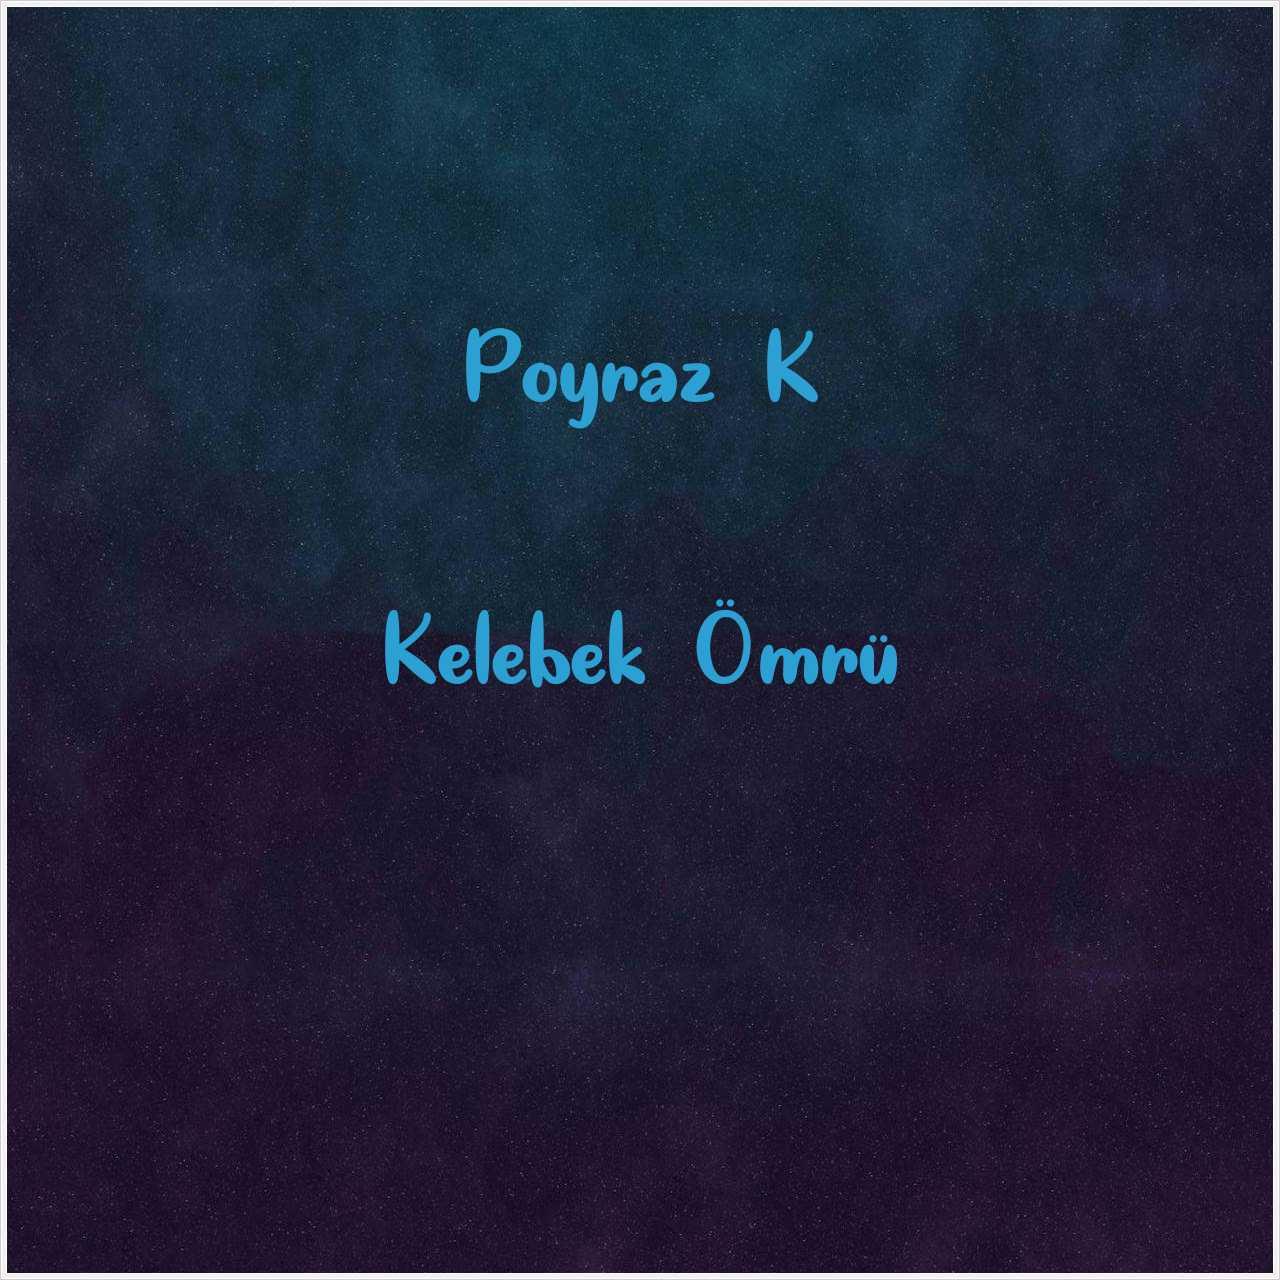 دانلود آهنگ جدید Poyraz K به نام Kelebek Ömrü